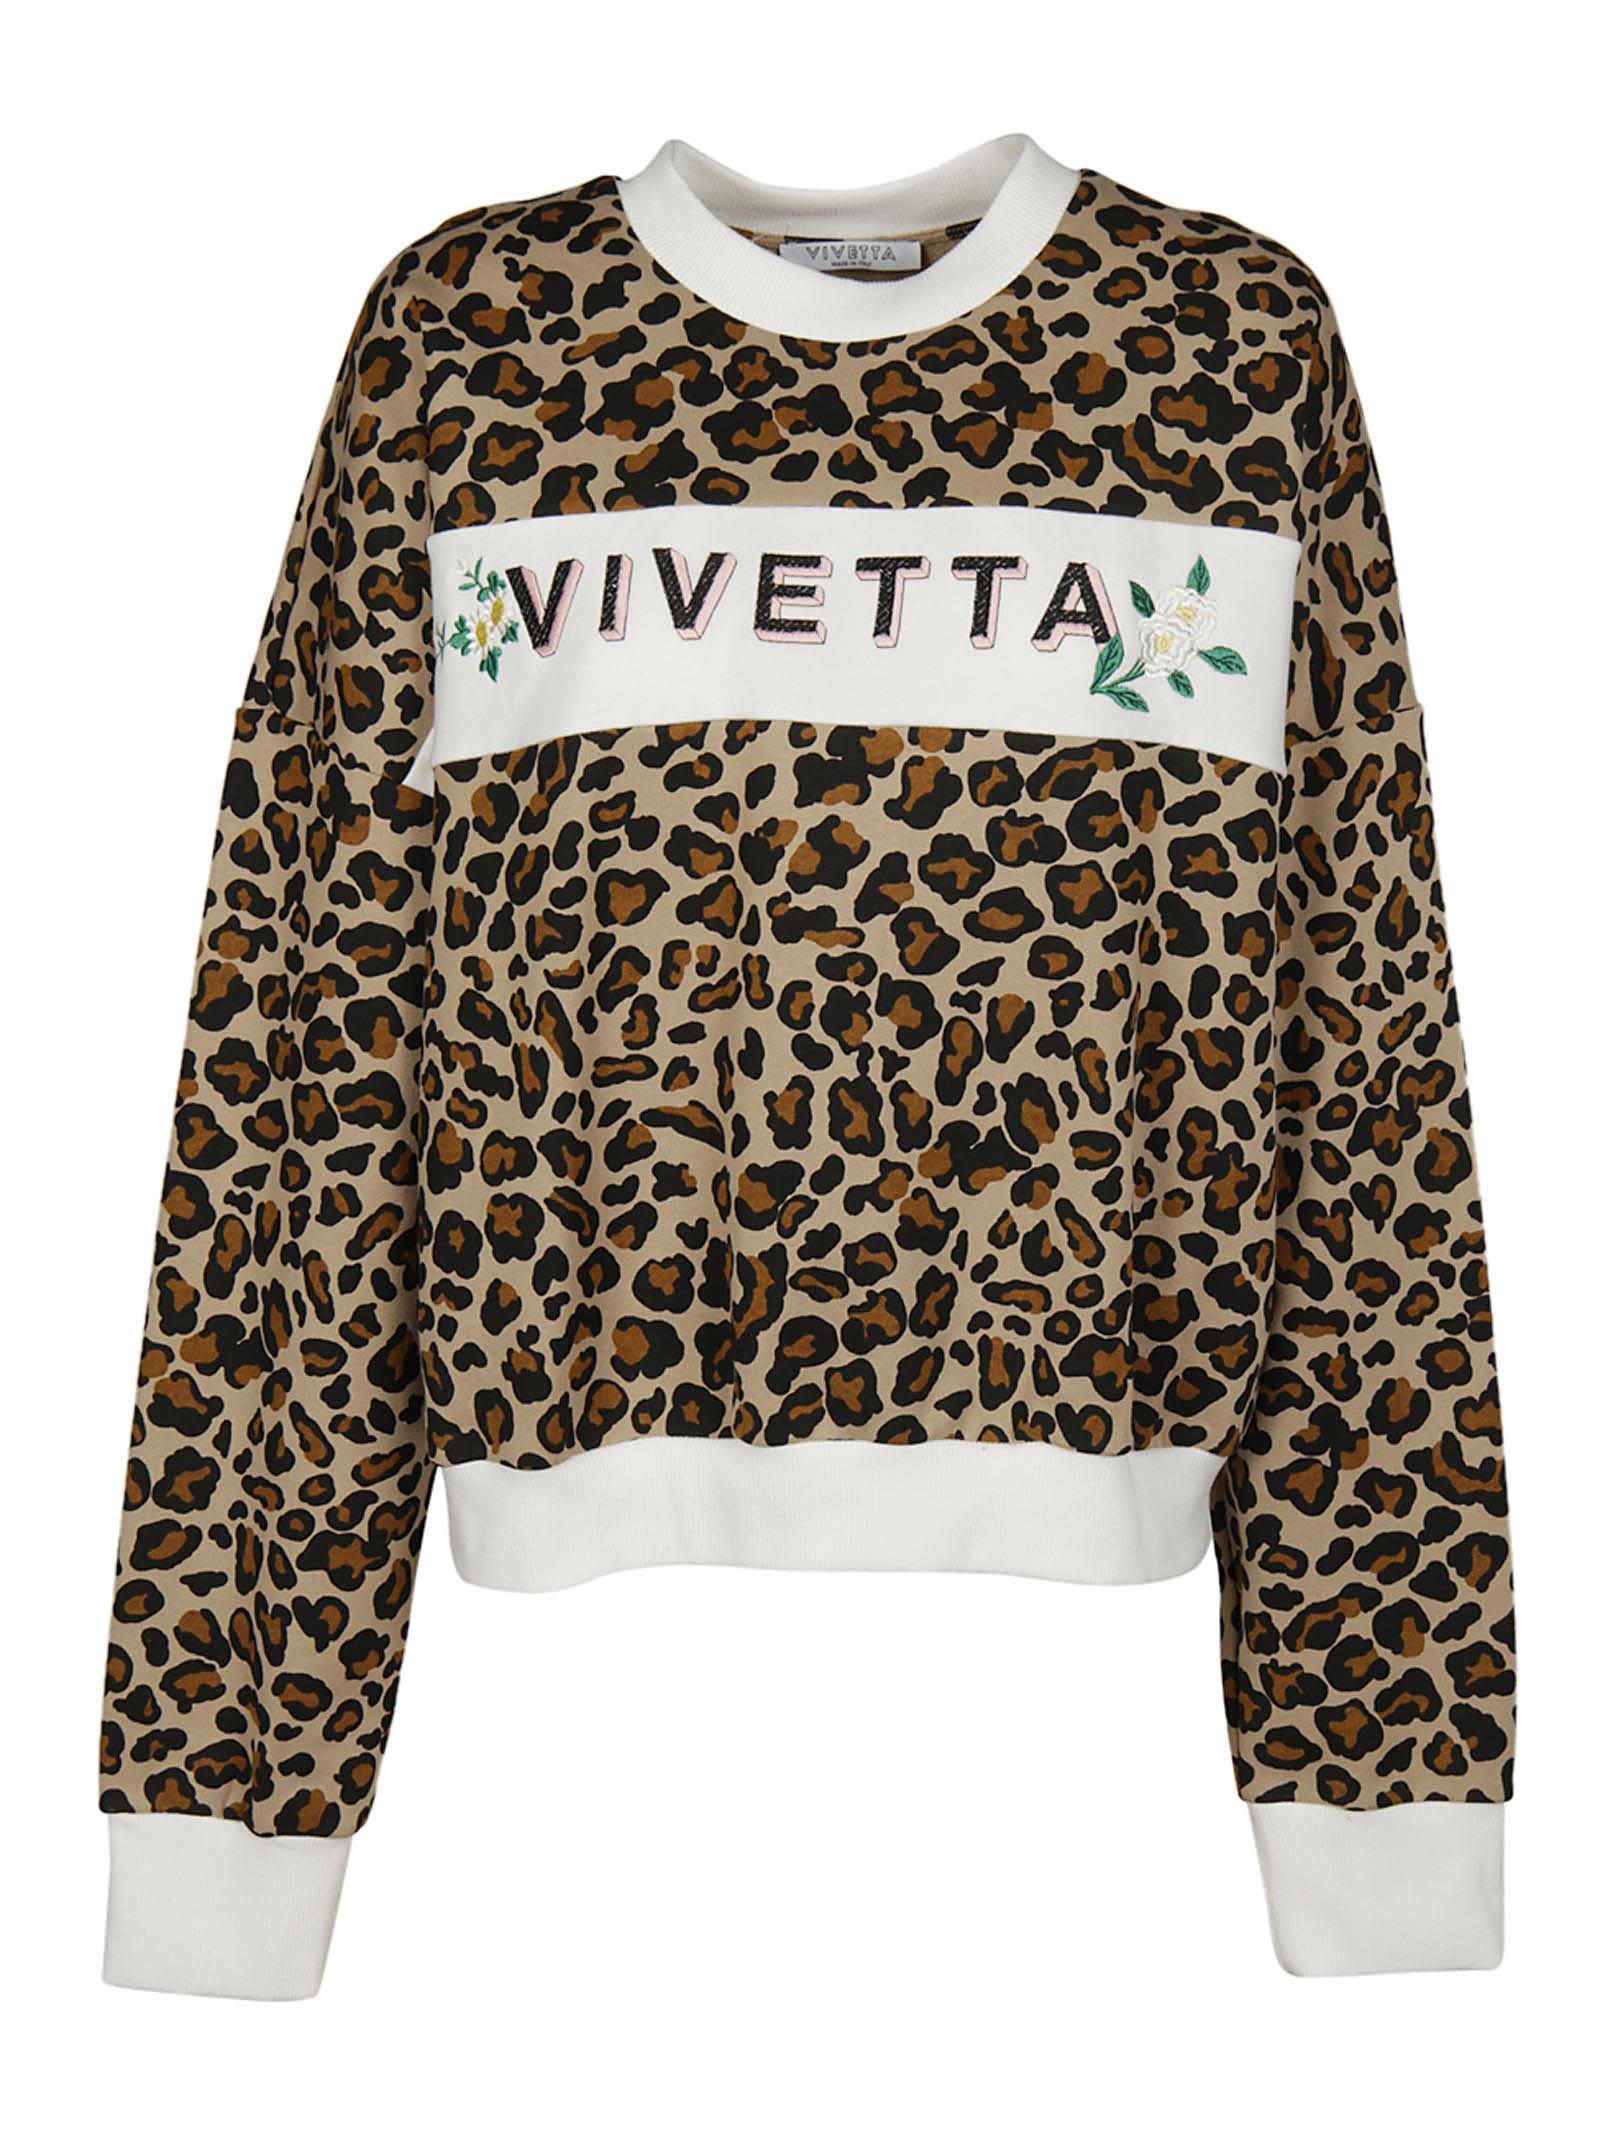 Vivetta Leopard Pattern Sweatshirt